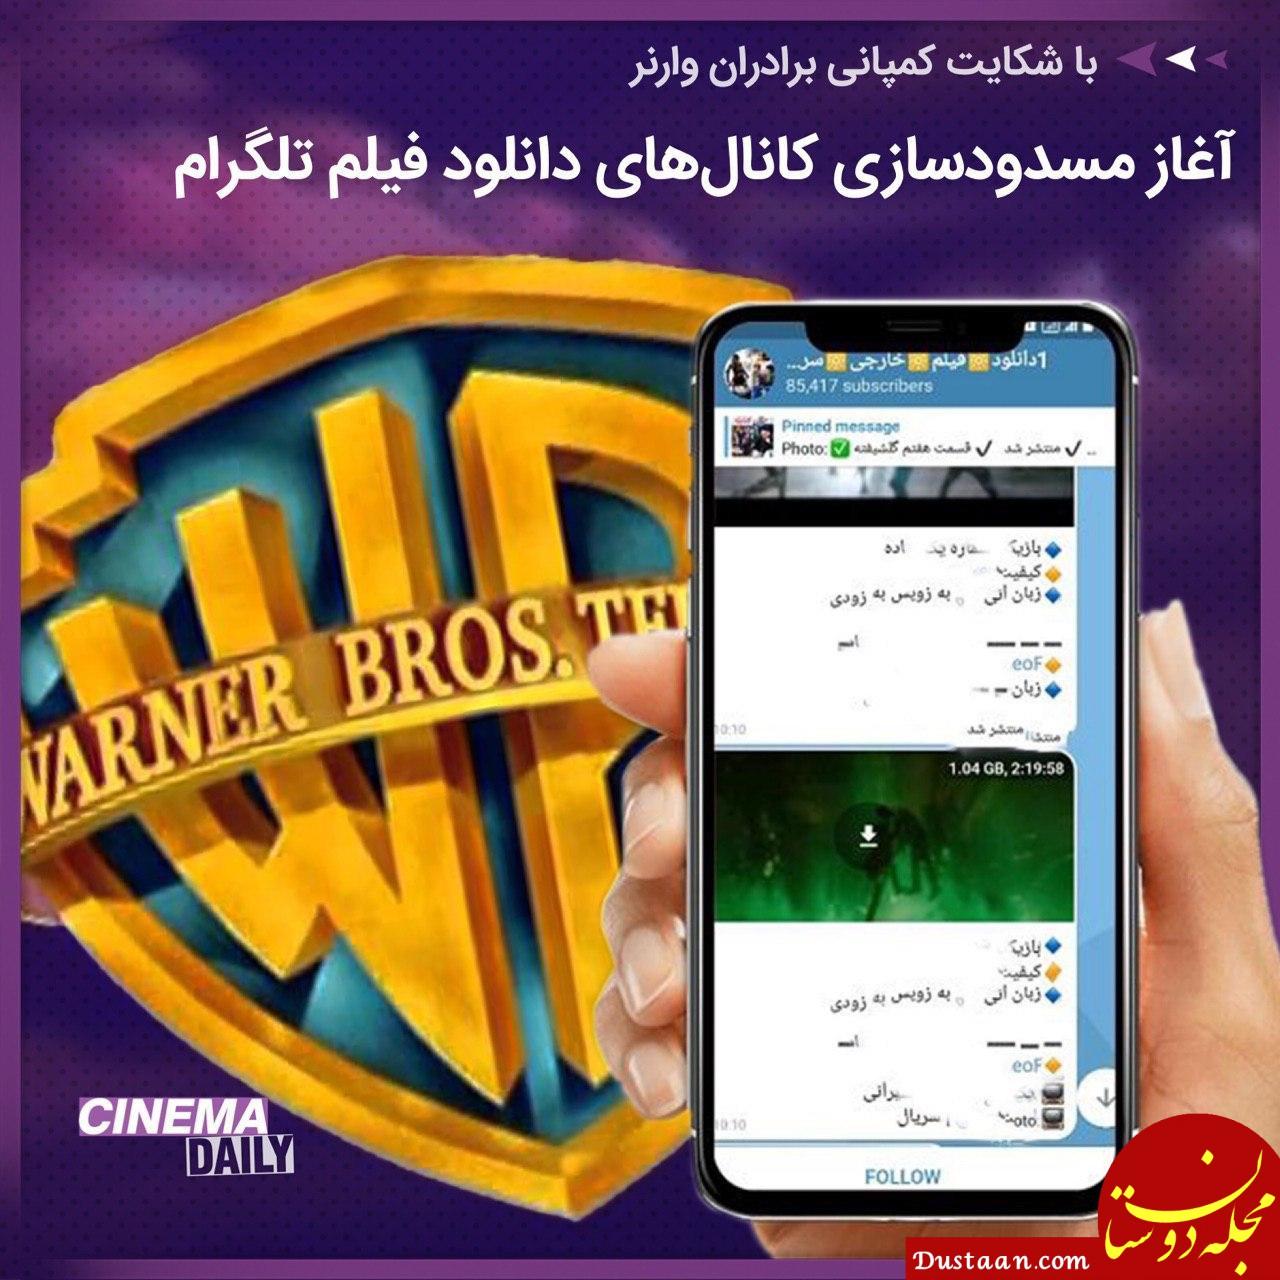 با شکایت کمپانی برادران وارنر: آغاز مسدودسازی کانال های دانلود فیلم در تلگرام